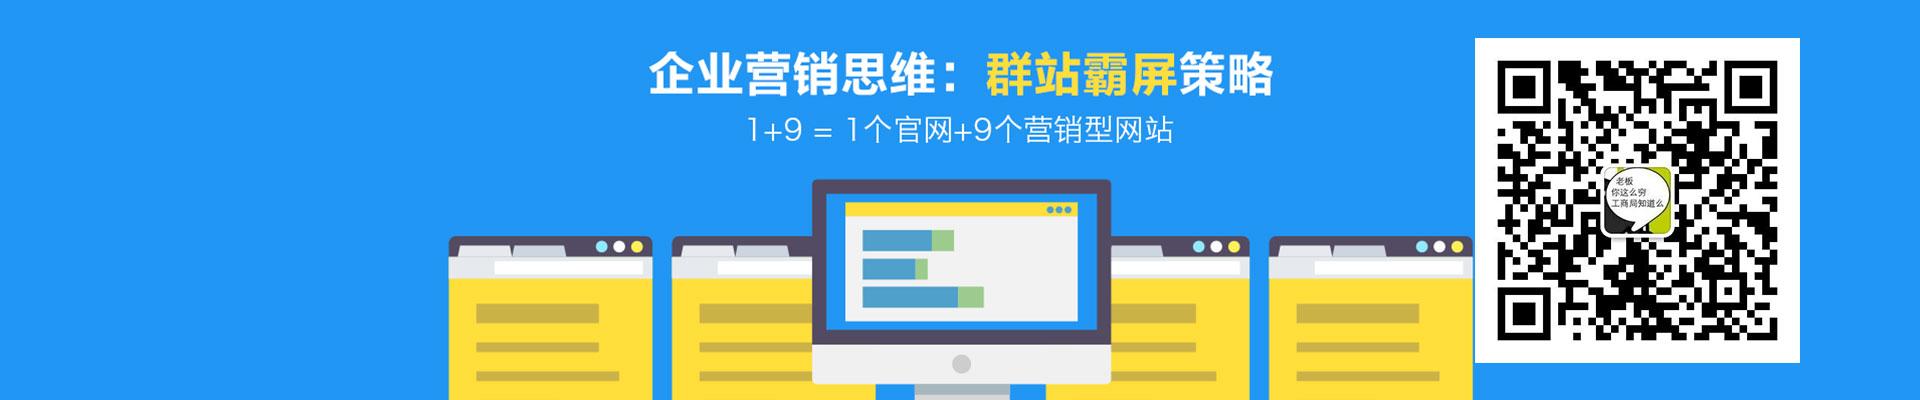 宜昌网站建设优质服务商